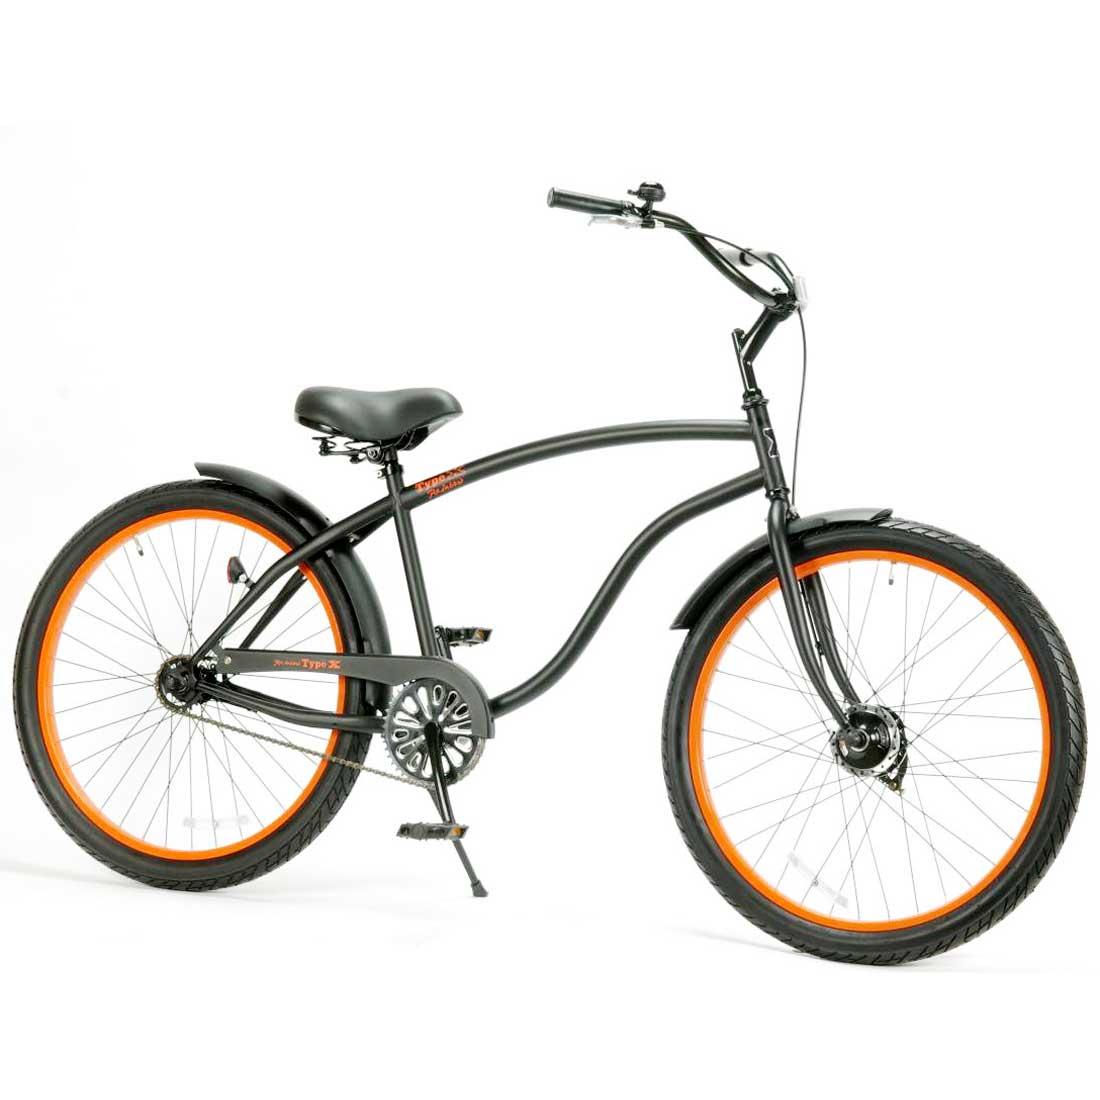 ビーチクルーザー 26インチ おしゃれ 自転車 通勤 通学 レインボービーチクルーザー 26TYPE-X マットブラック×オレンジリム メンズ レディース